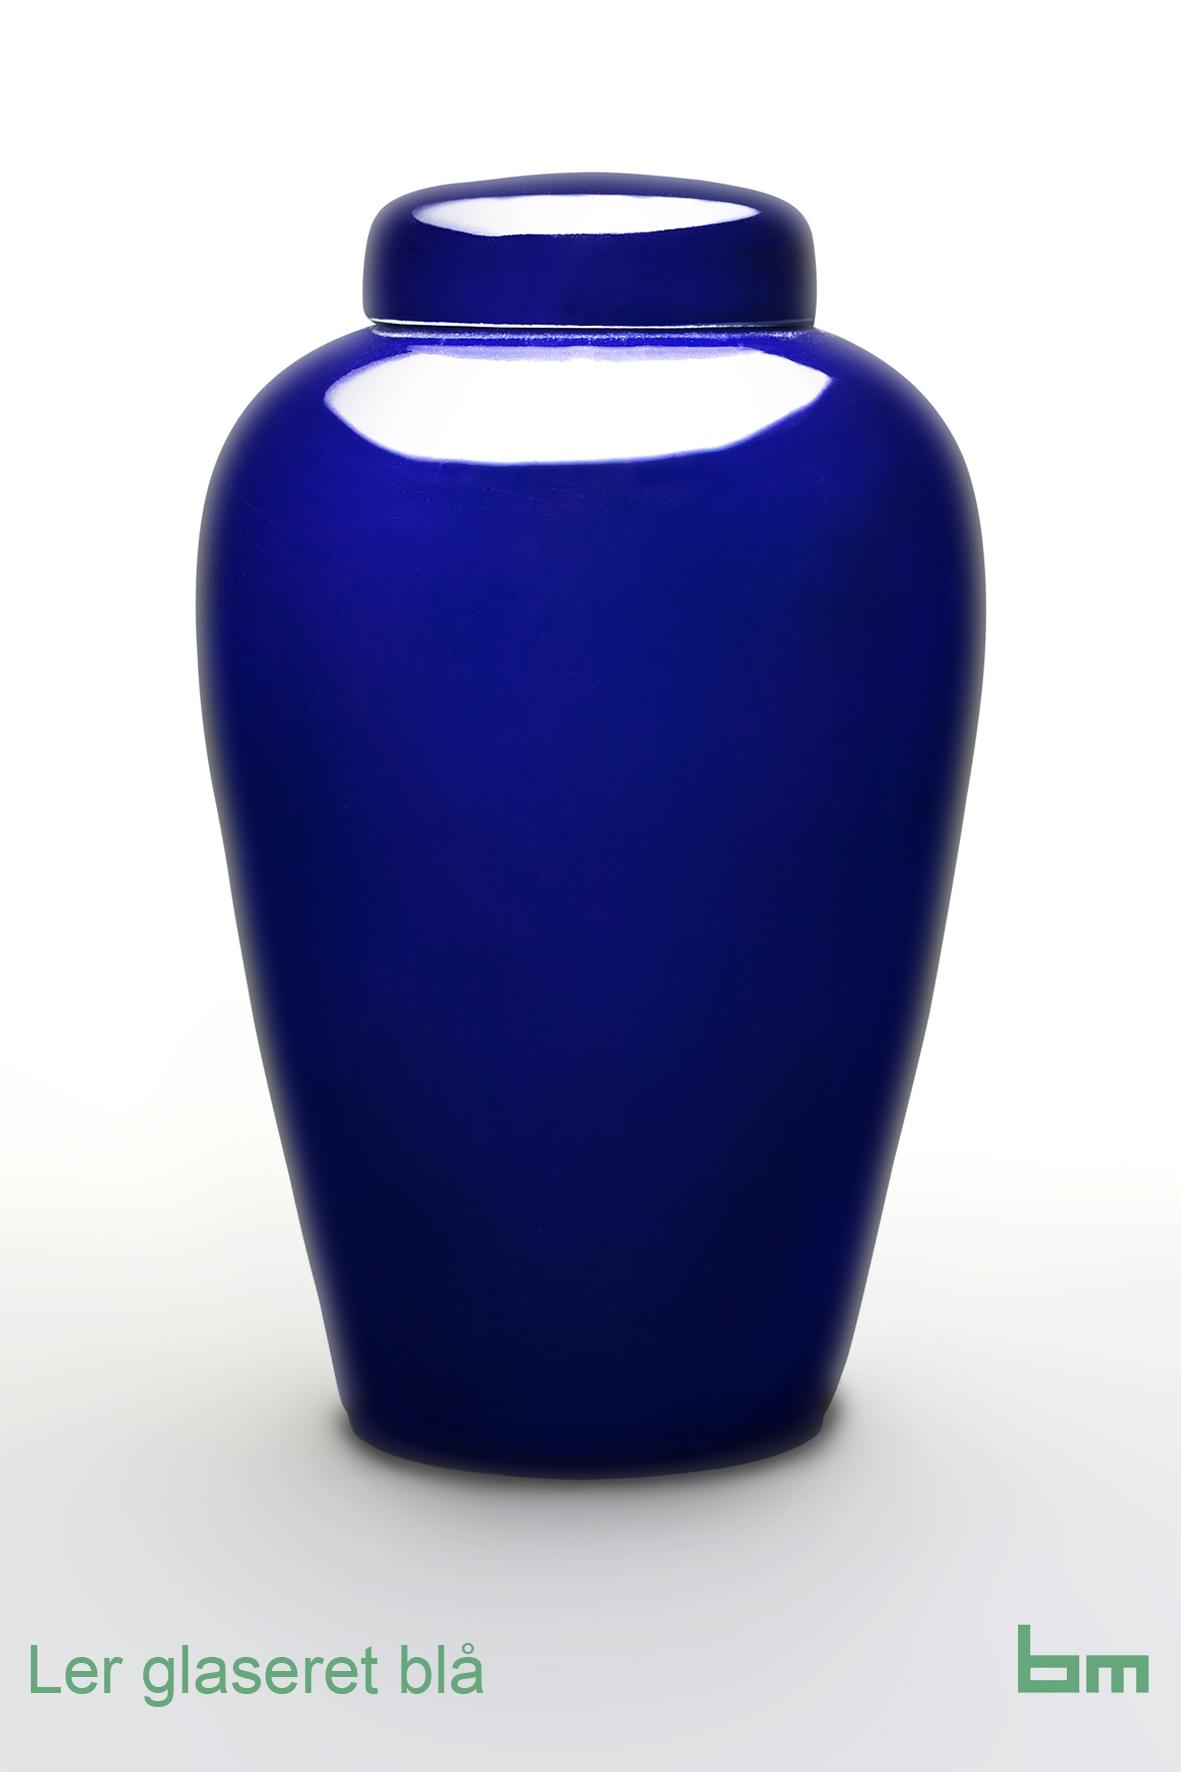 Ler glaseret blå